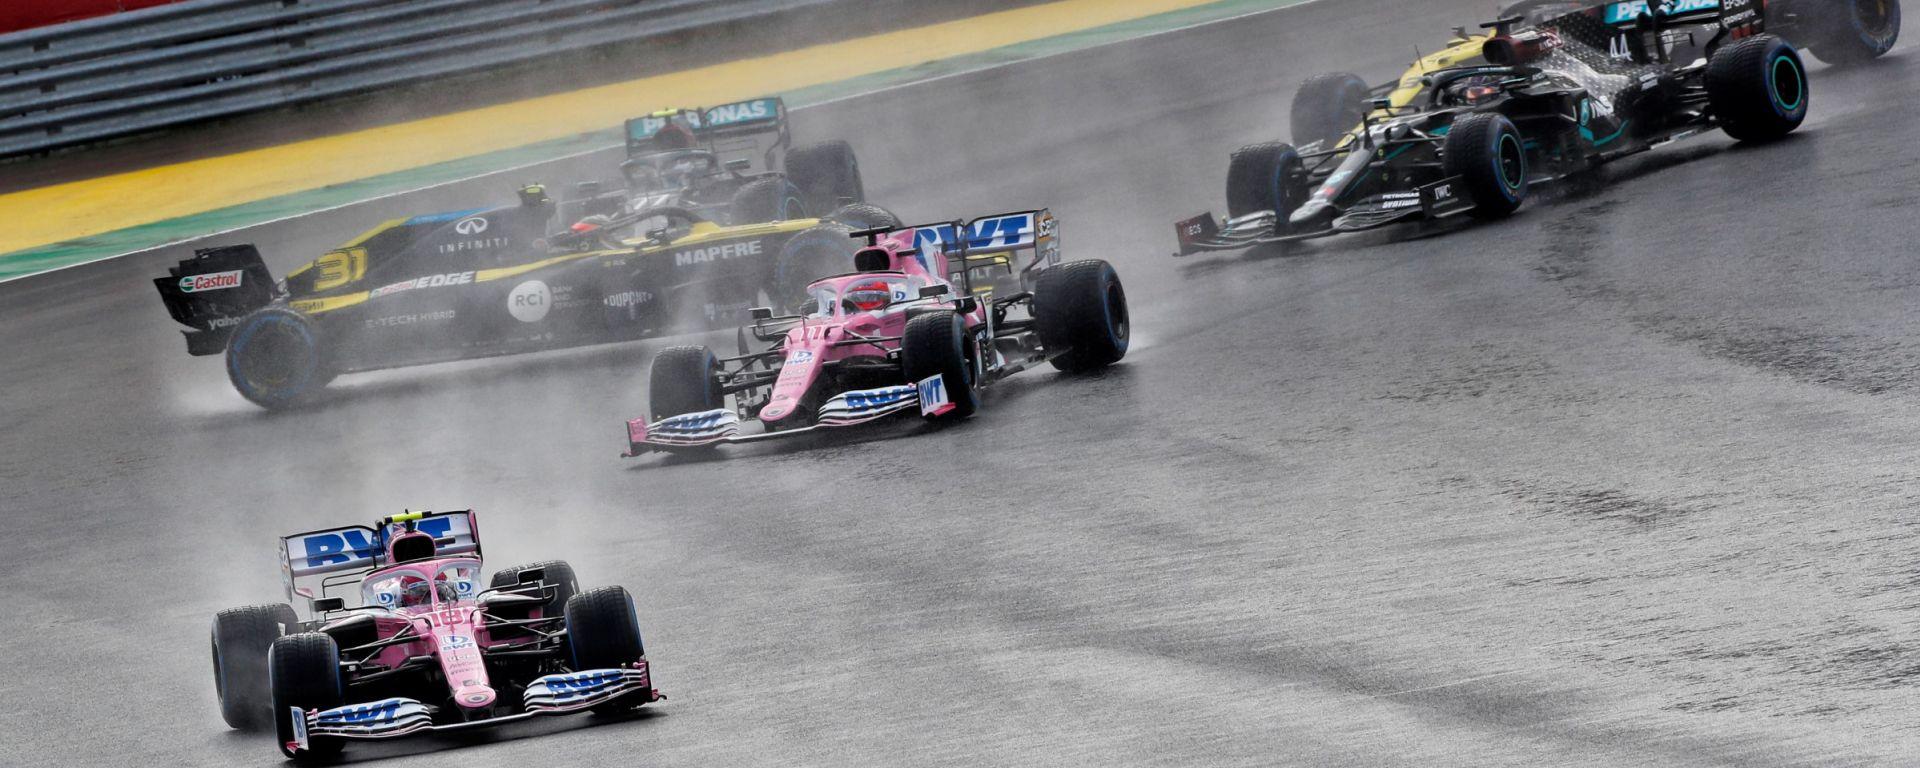 F1, GP Turchia: la prima curva